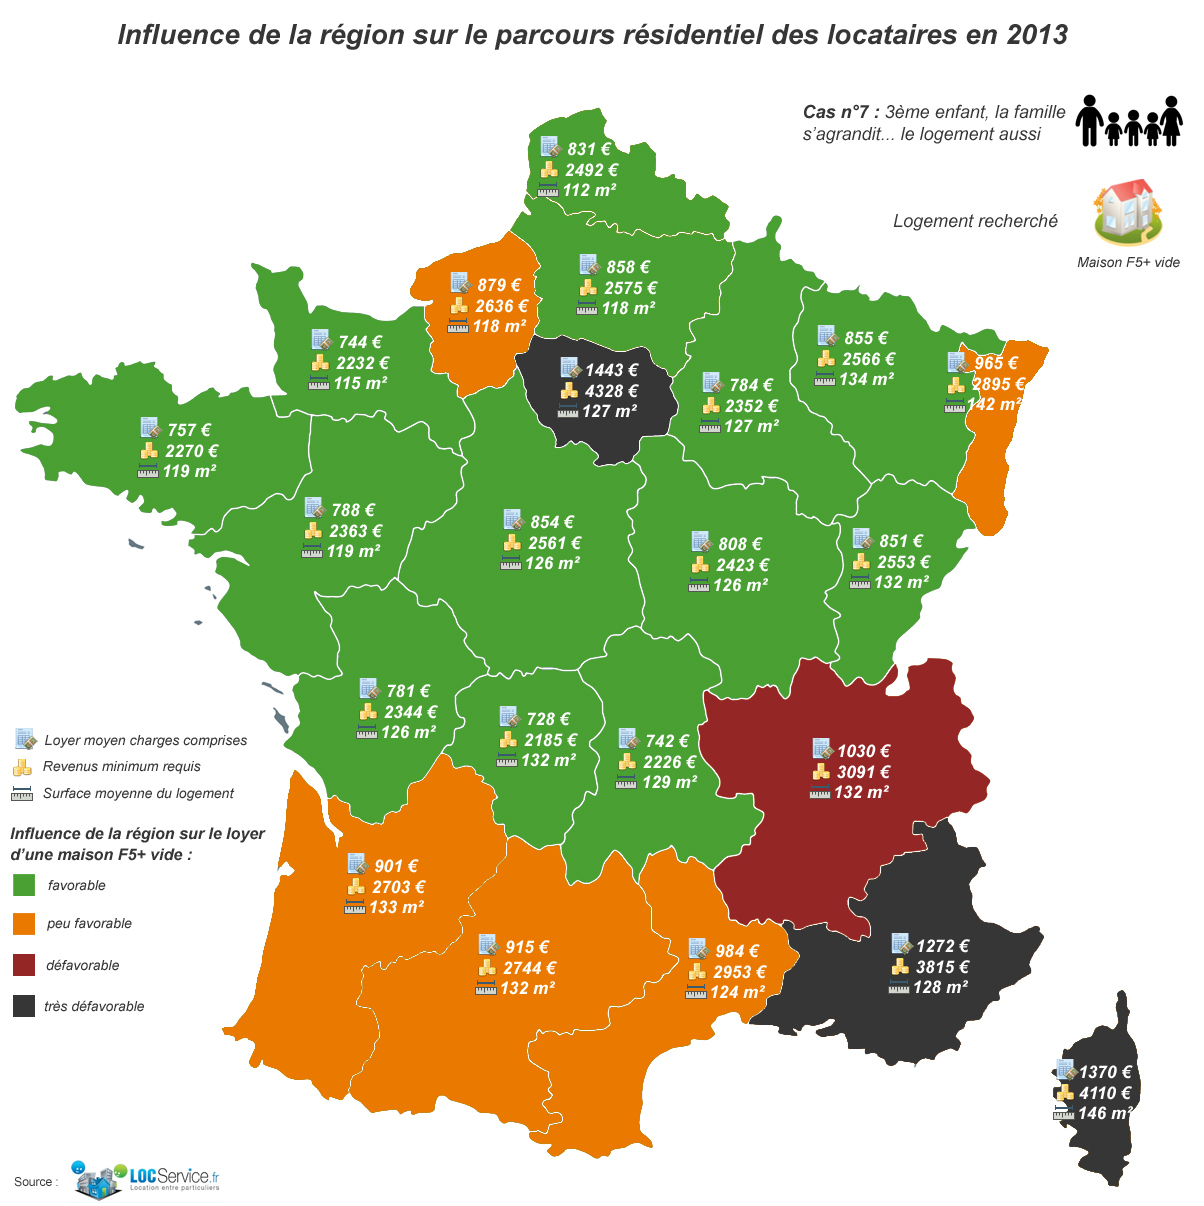 Etude De Profils-Types De Locataires : Cas N°7, Une Famille concernant Carte De France Pour Les Enfants